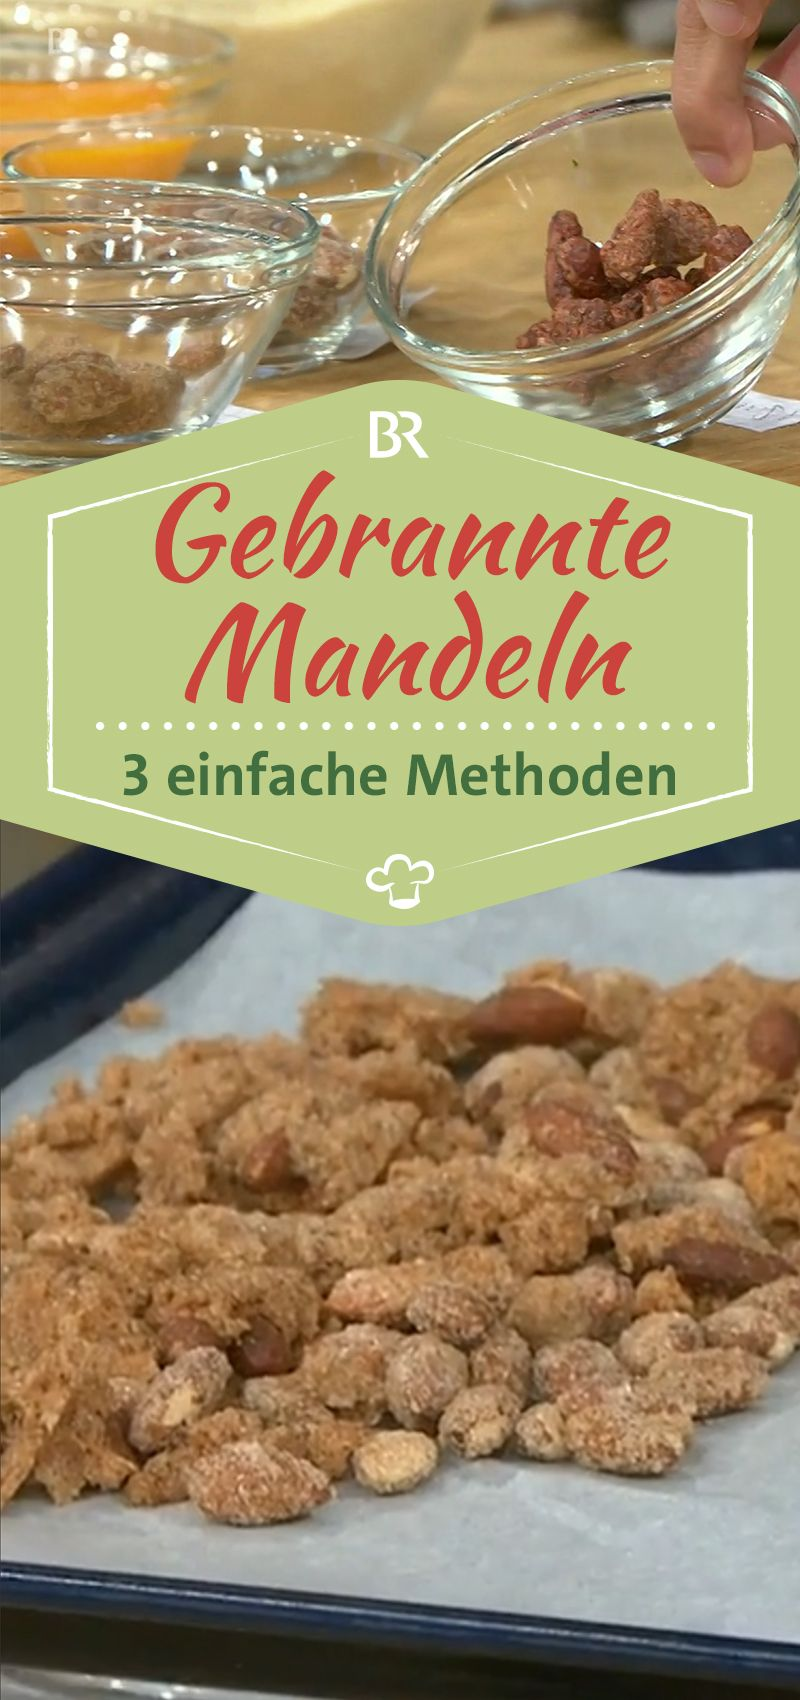 Gebrannte Mandeln: 3 einfache Methoden